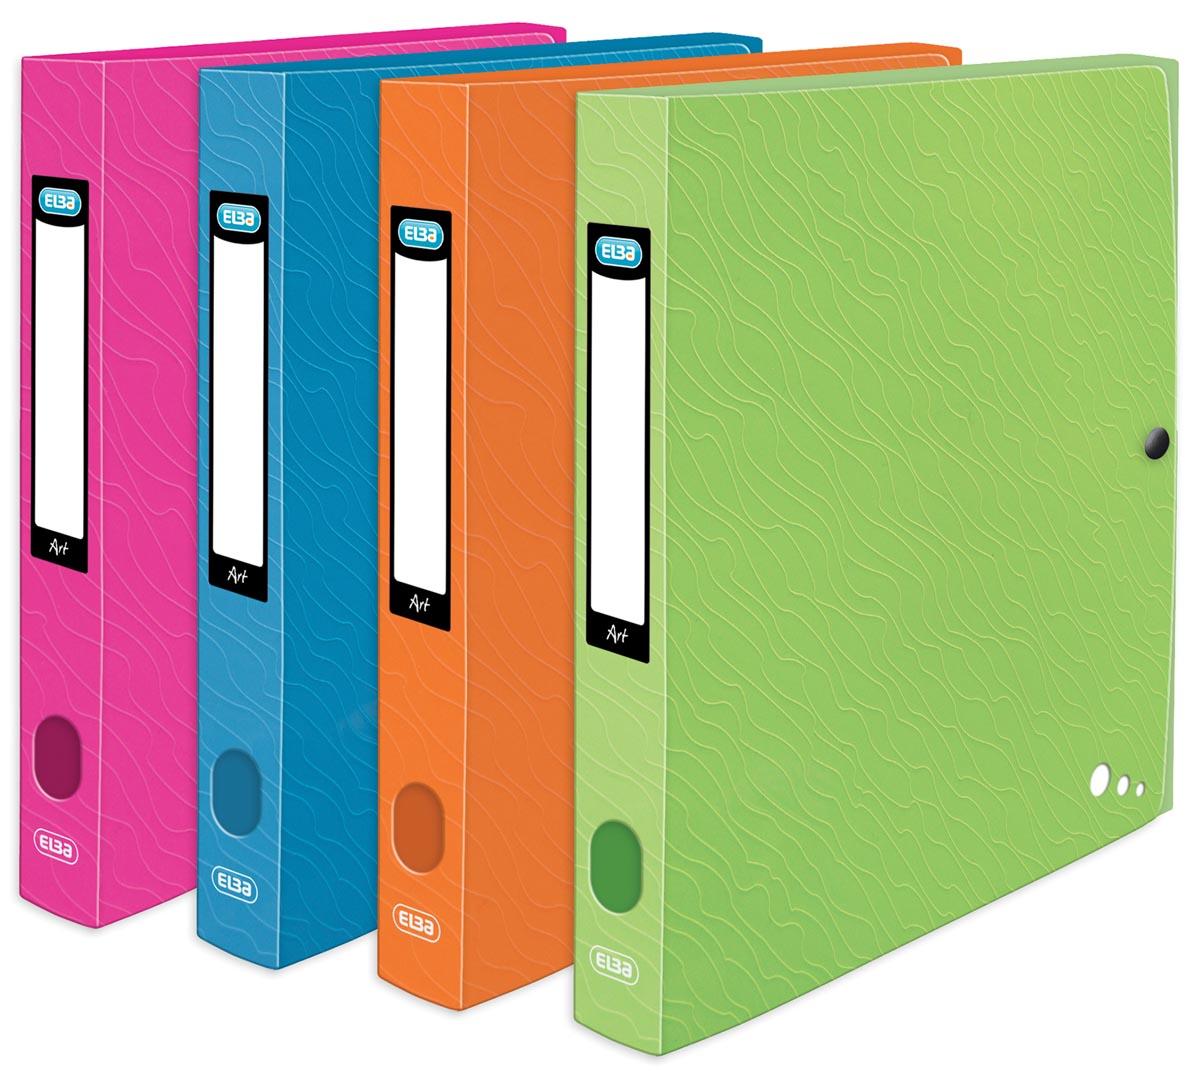 Elba Art Pop, elastobox, ft 25 x 32 cm, rug van 4 cm, ge assorteerde kleuren